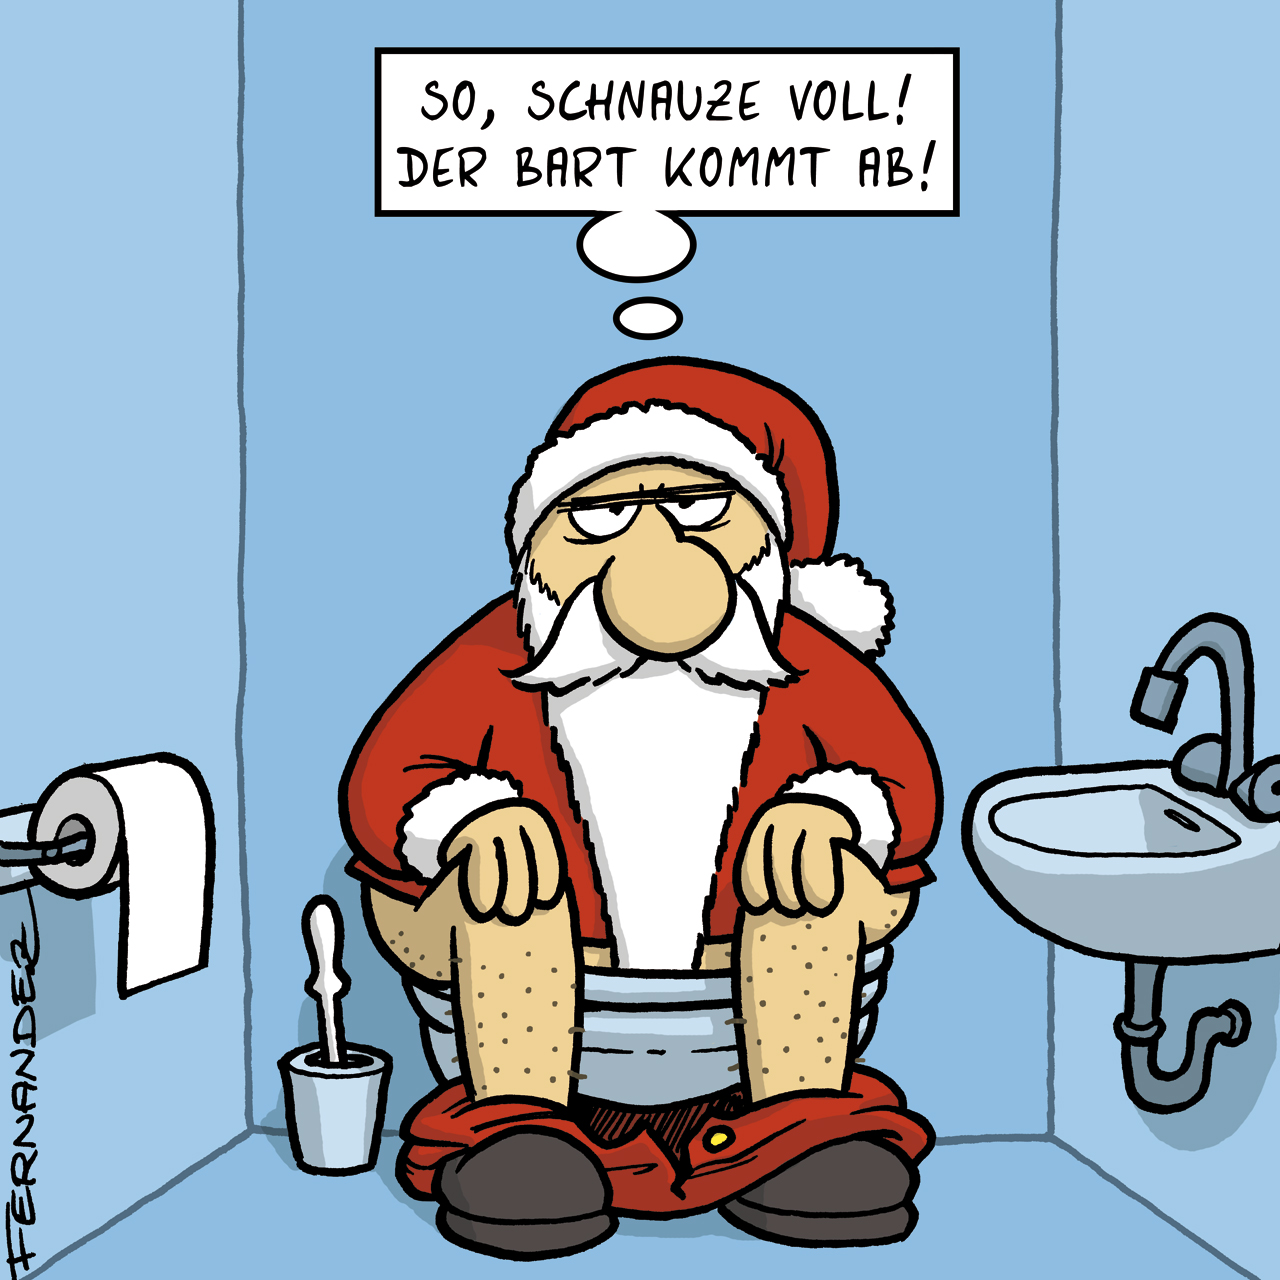 Weihnachten Comic Bilder - bilder19